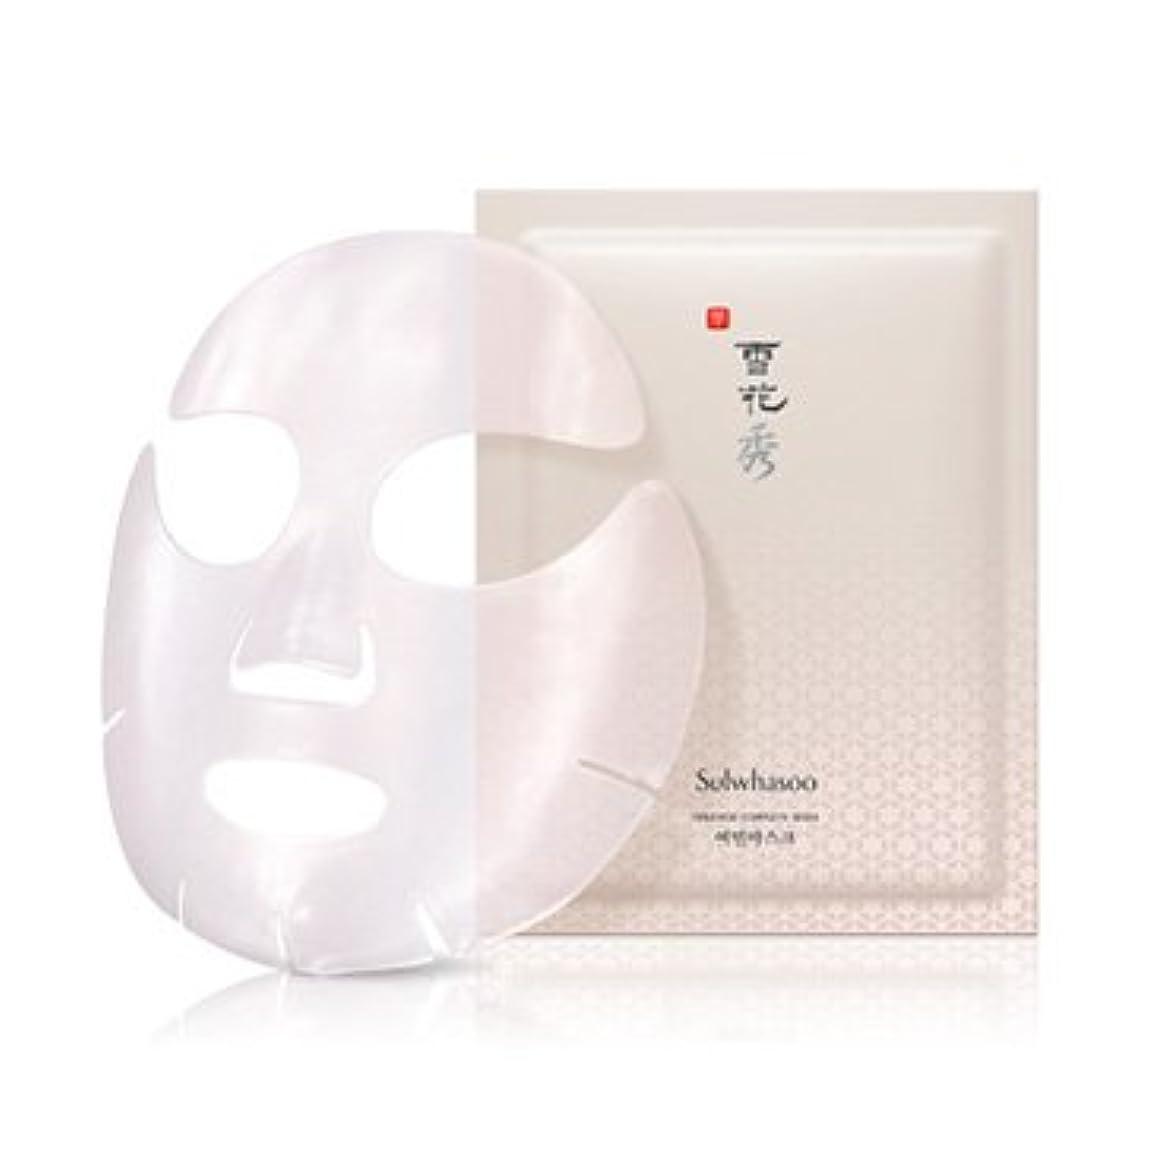 判読できない偏差王族雪花秀(ソルファス)ヨミンマスク(Innerise Complete Mask)5枚入